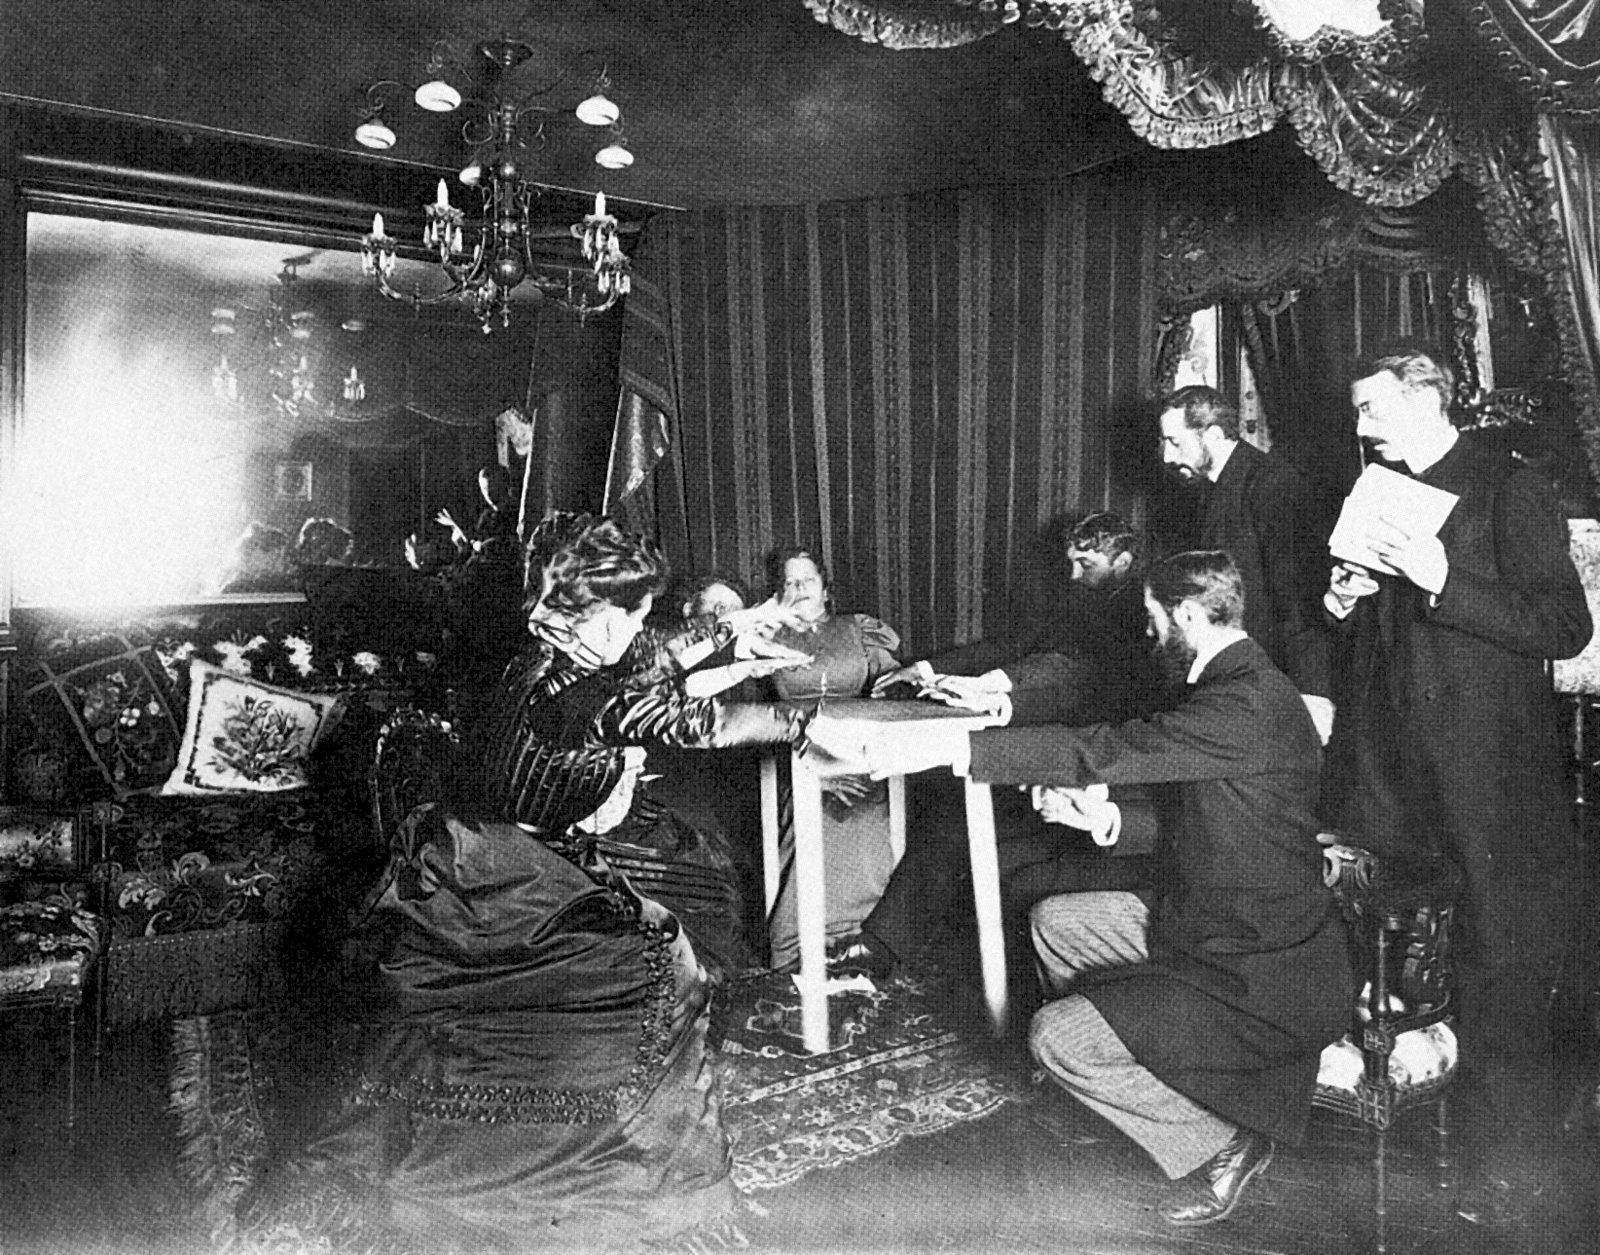 1901, le sedute spiritiche di via Giustiniani fanno discutere Genova - GenovaQuotidiana